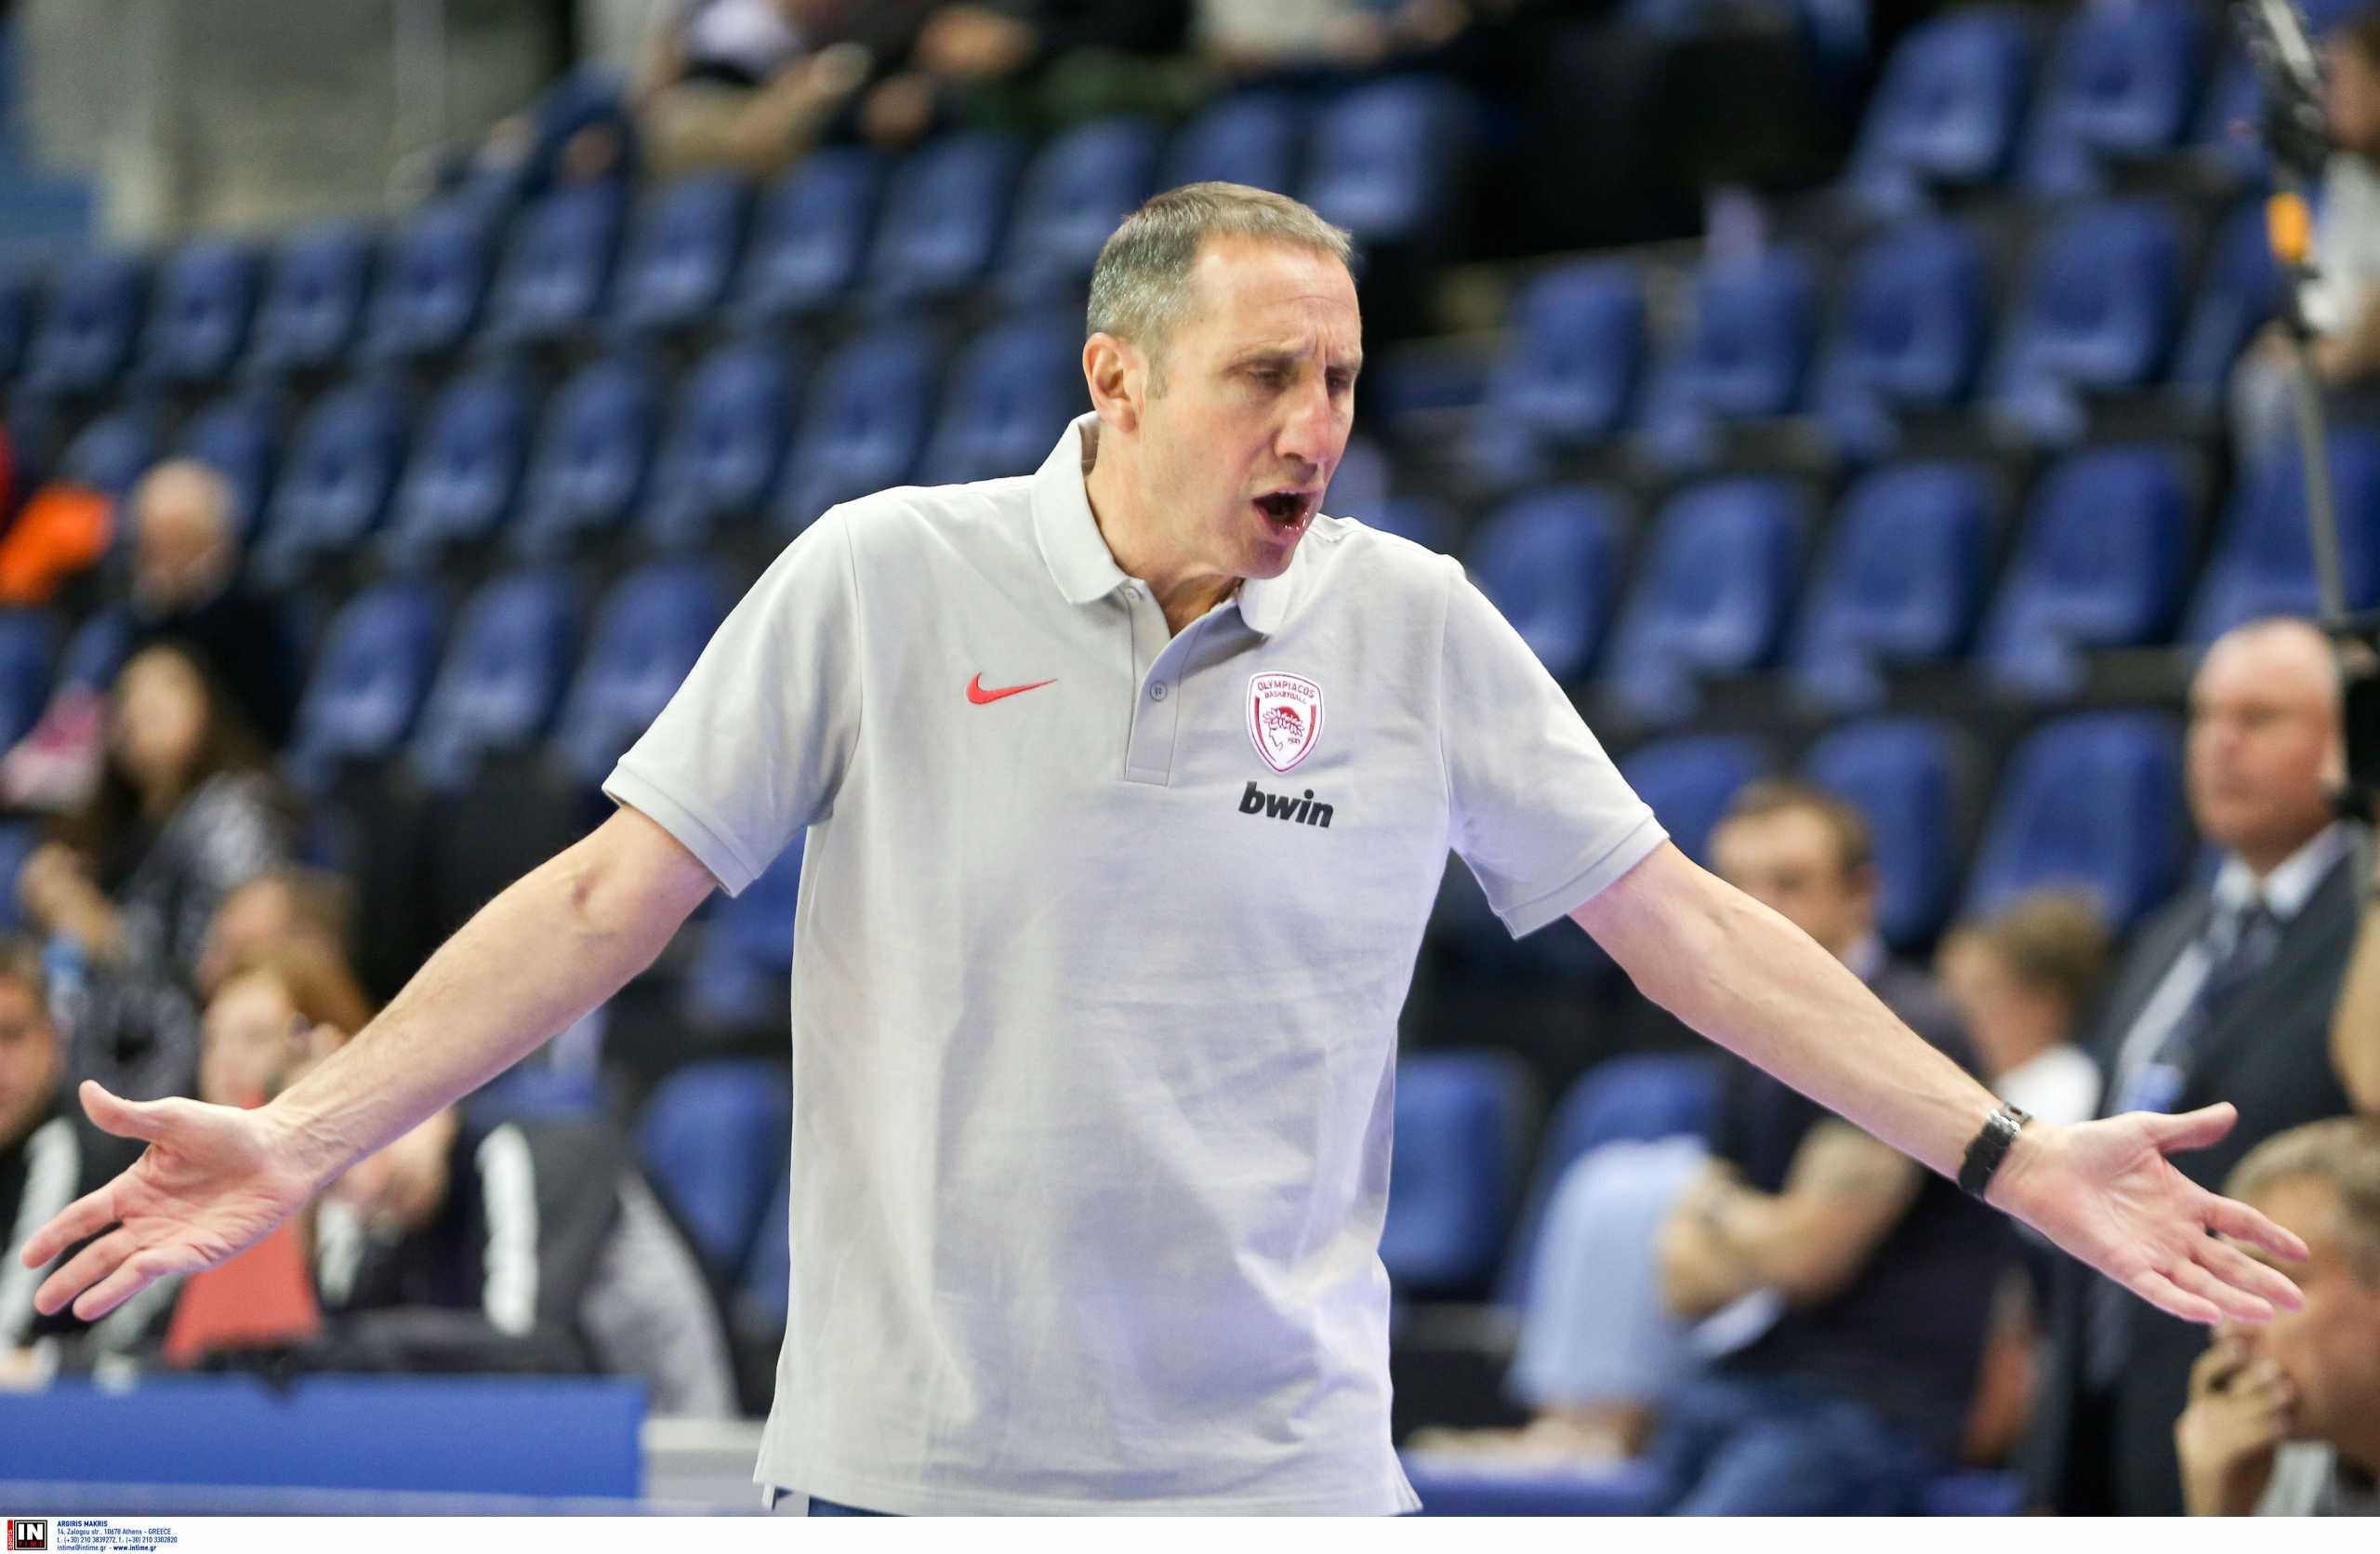 Μπλατ: «Ήμουν αντίθετος με την απόφαση αποχώρησης του Ολυμπιακού στο ημίχρονο»